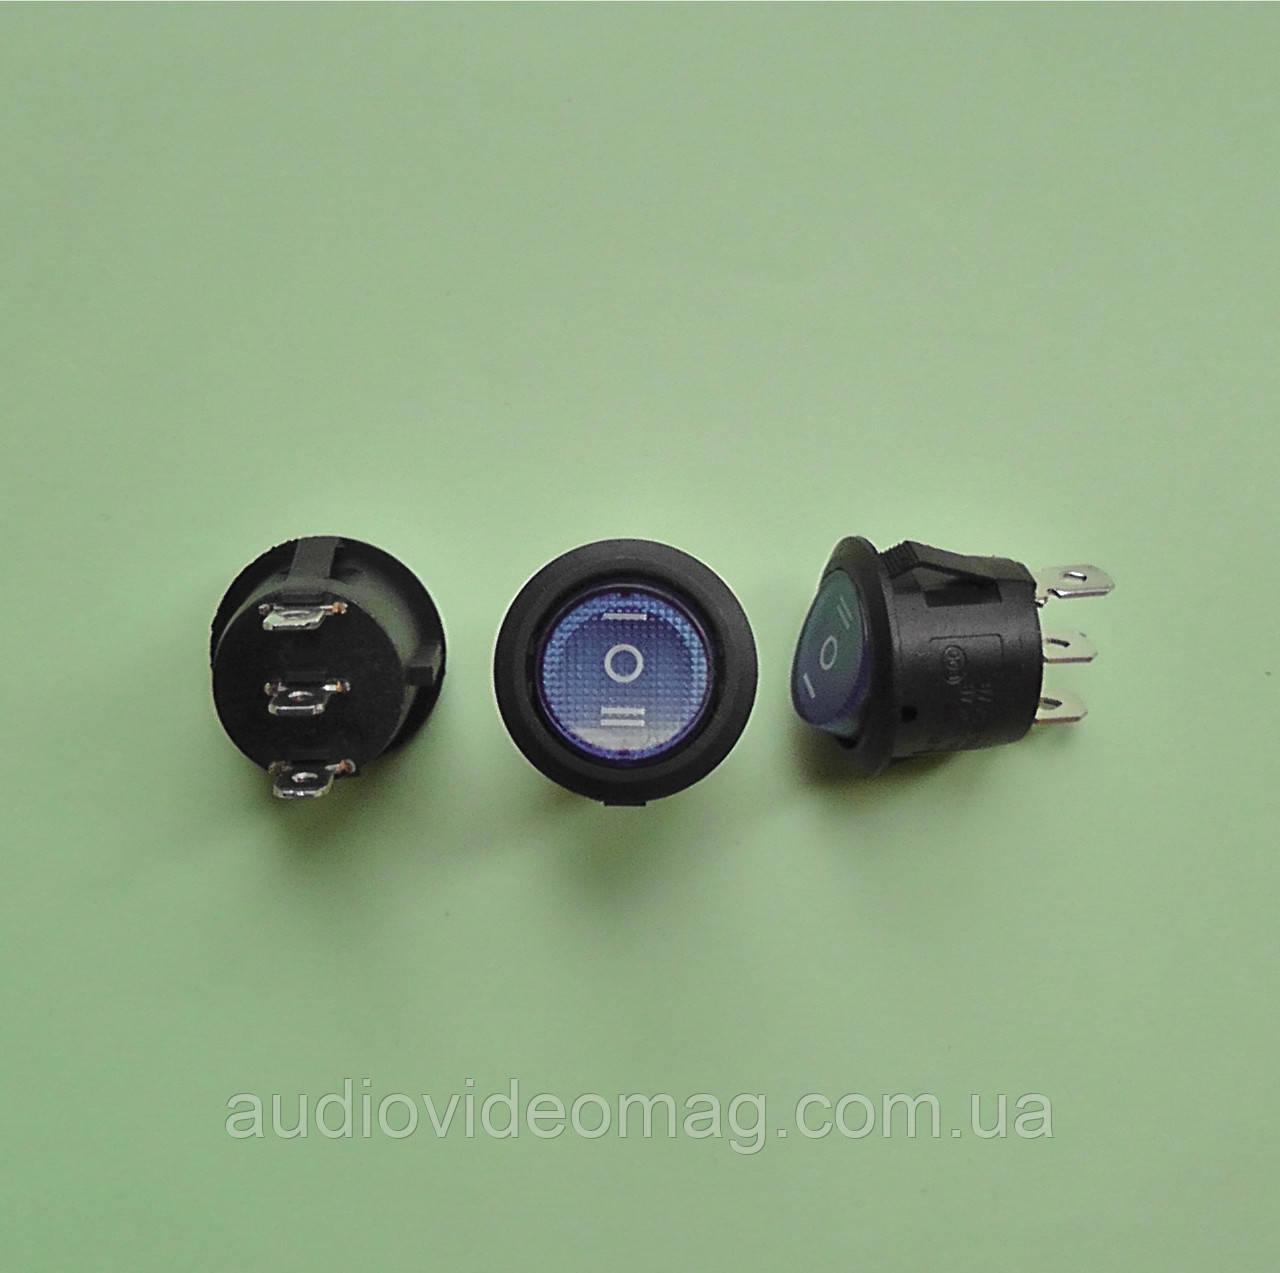 Кнопочный выключатель, трёхфазный, диаметр 20.3 мм, синий, с подсветкой